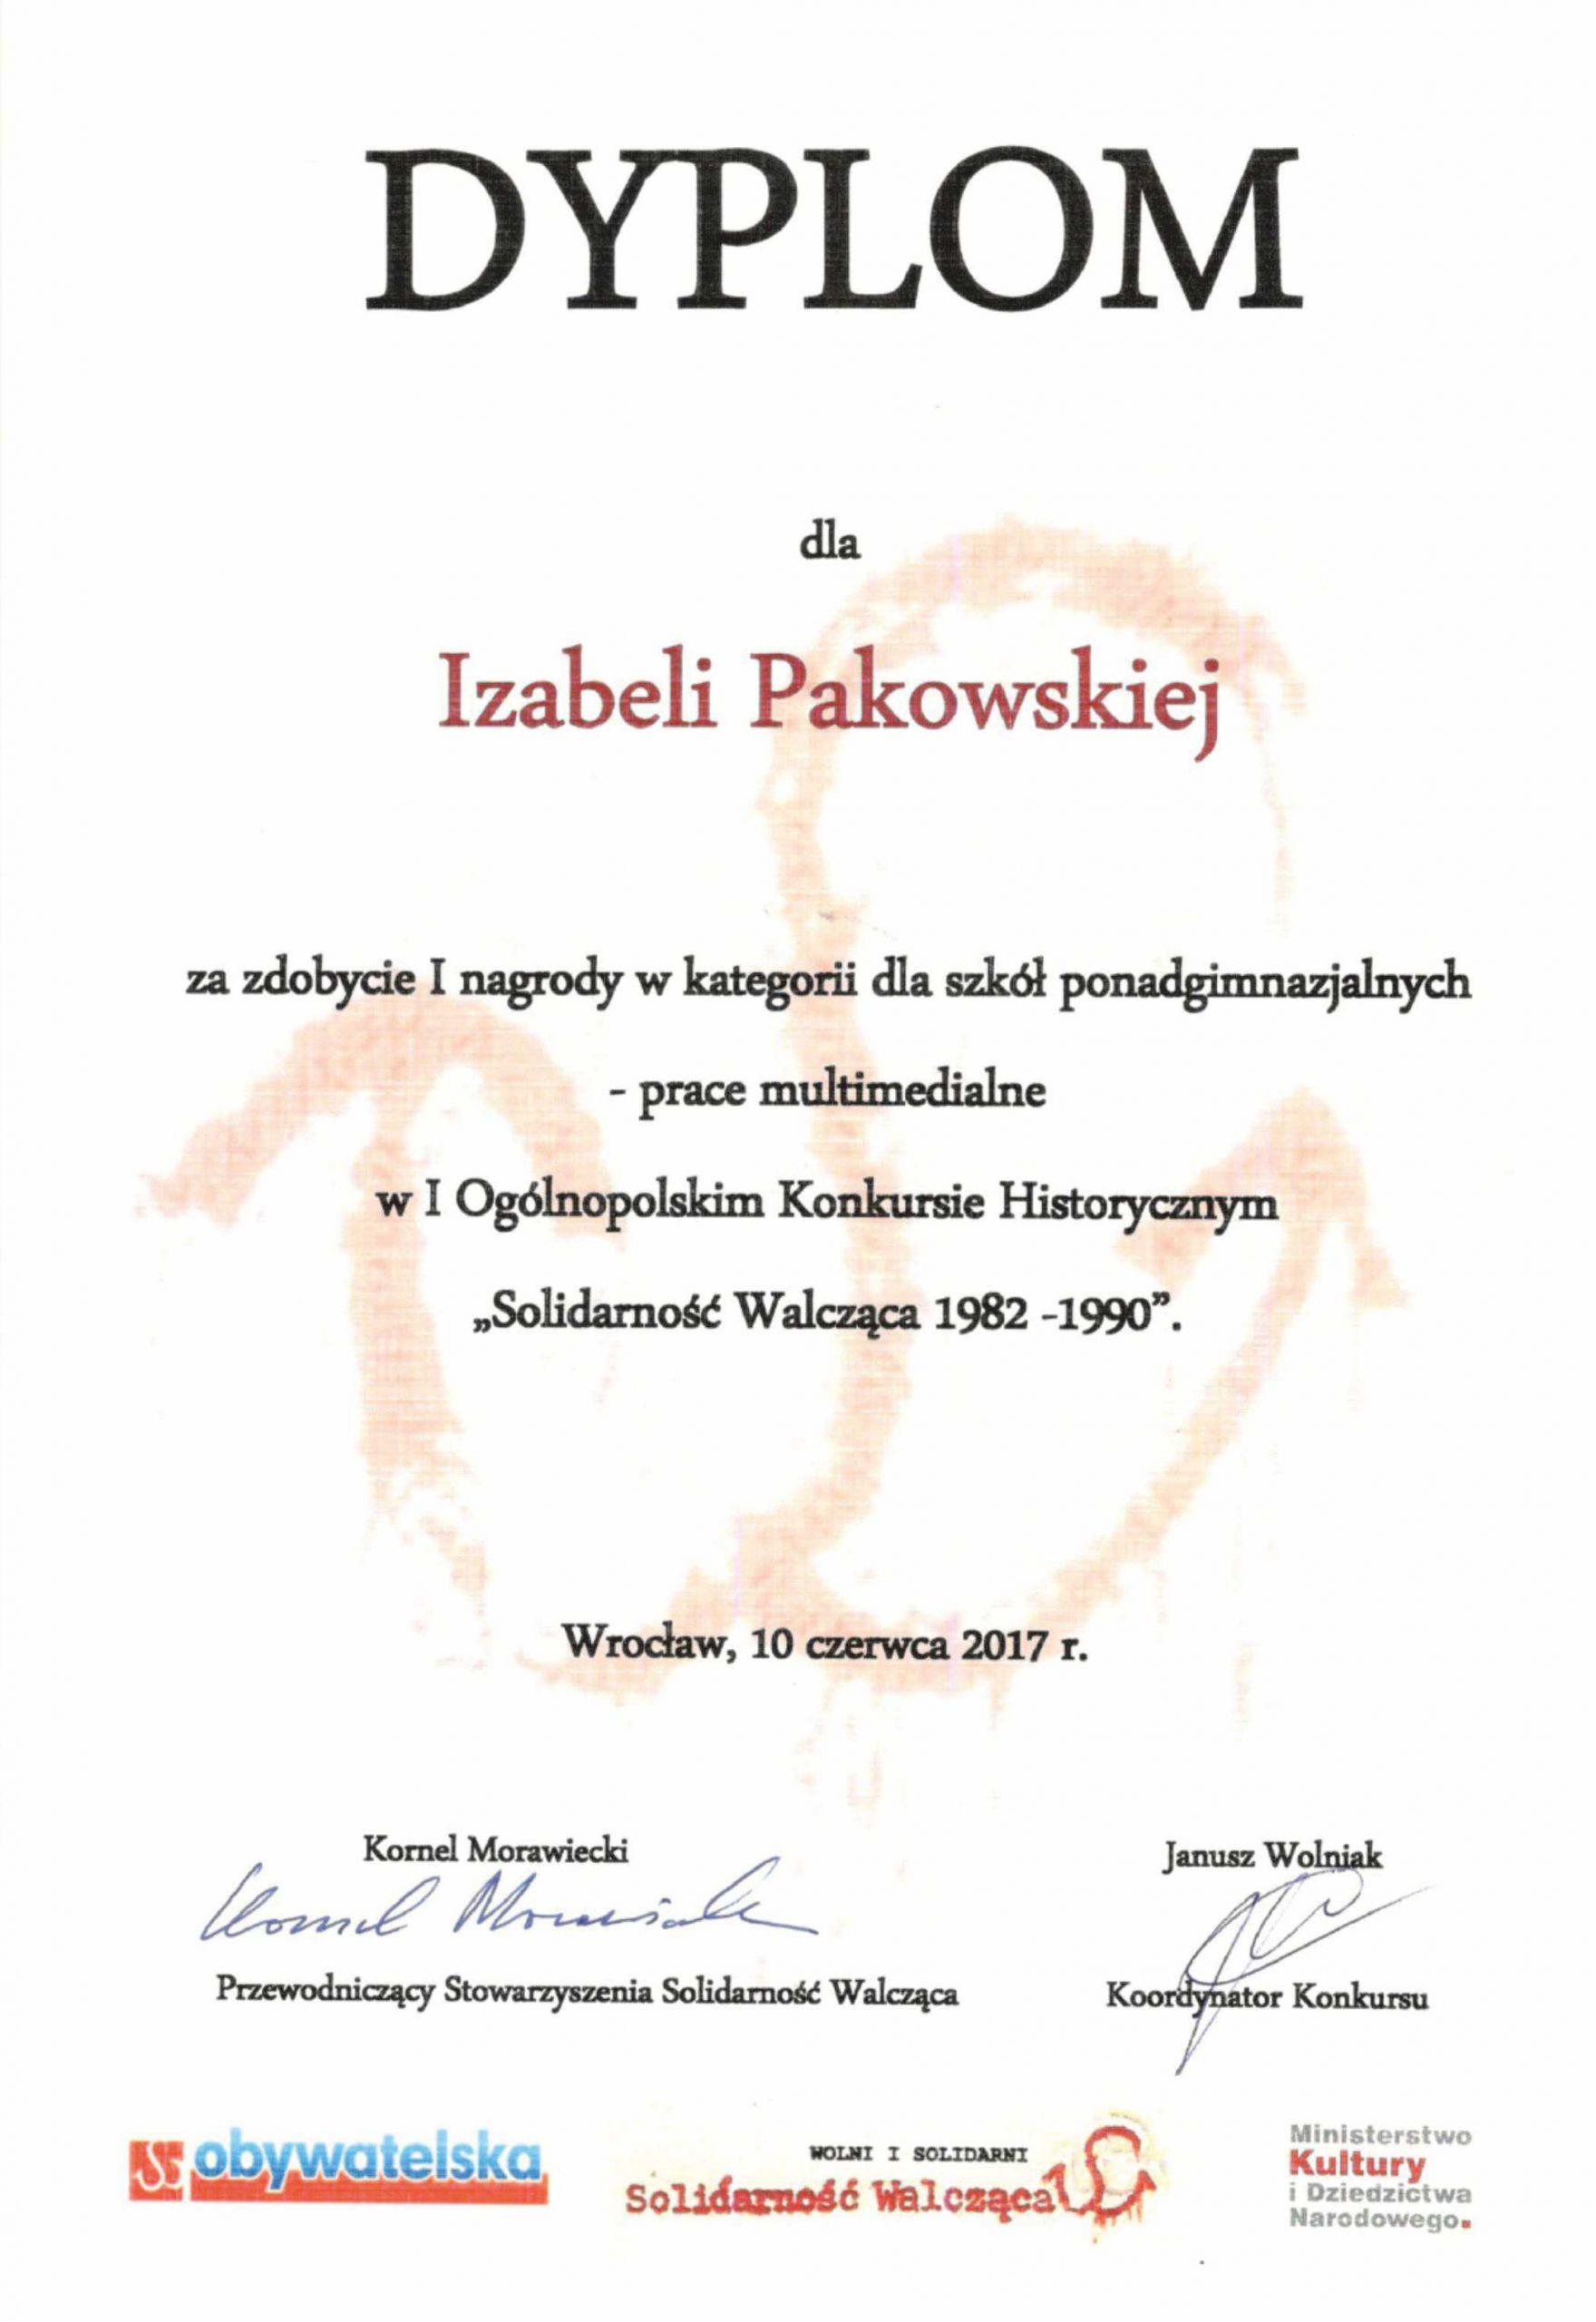 Iza pakowska dyplom